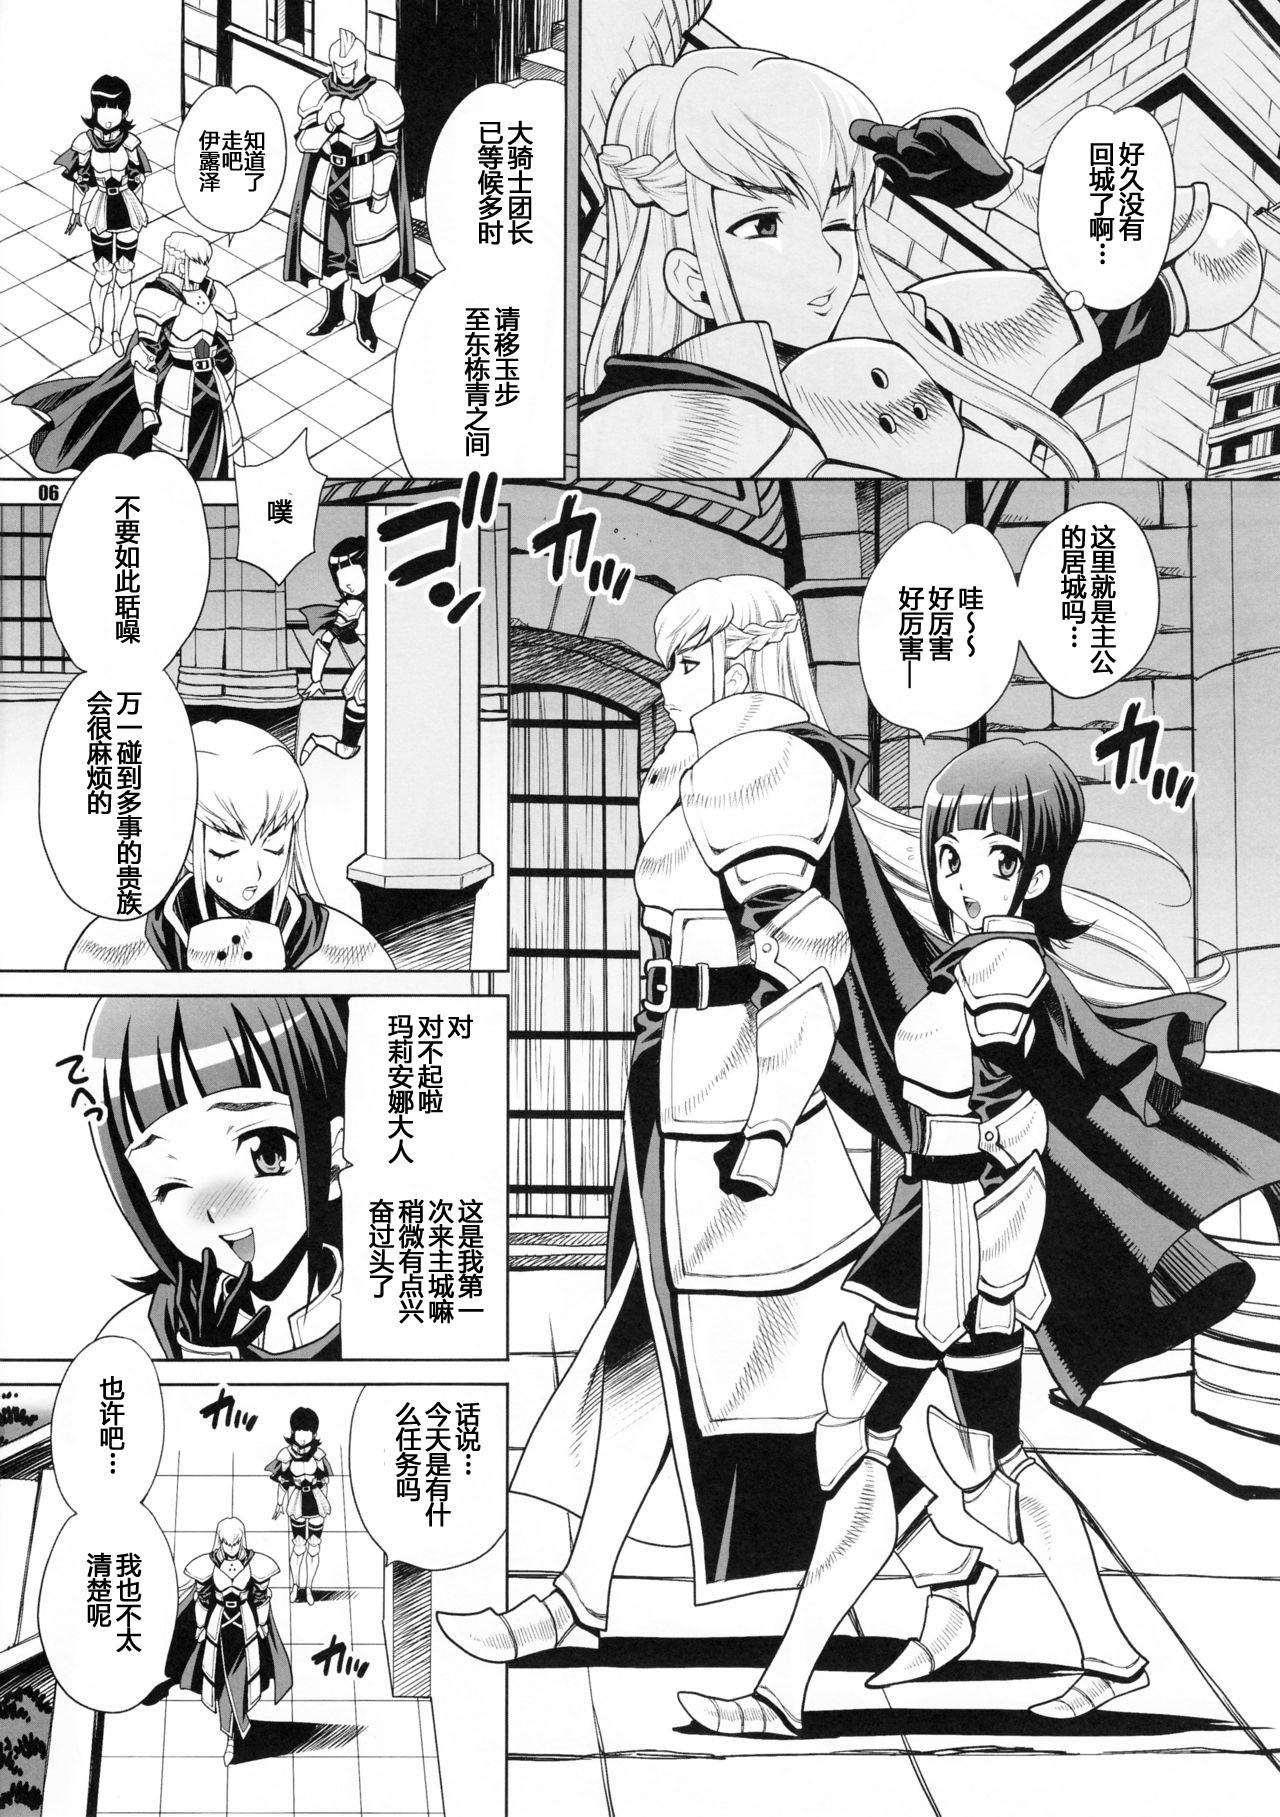 Yukiyanagi no Hon 38 Buta to Onnakishi 2 - Onnakishi wa Elf Shounen ga Okiniiri 4